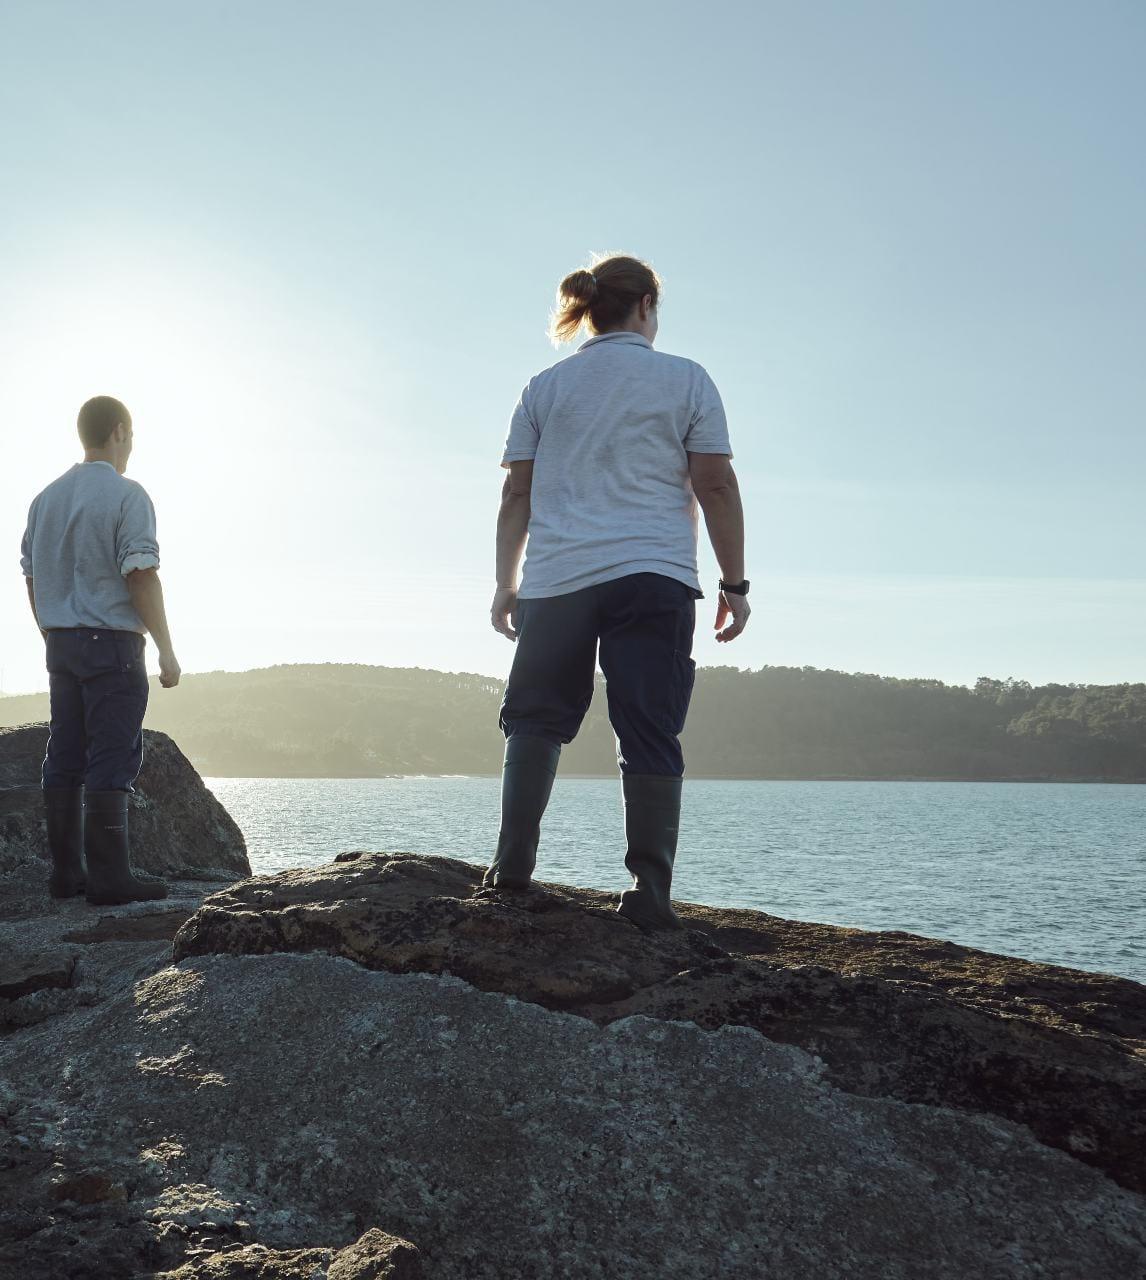 Acuicultores mirando el mar